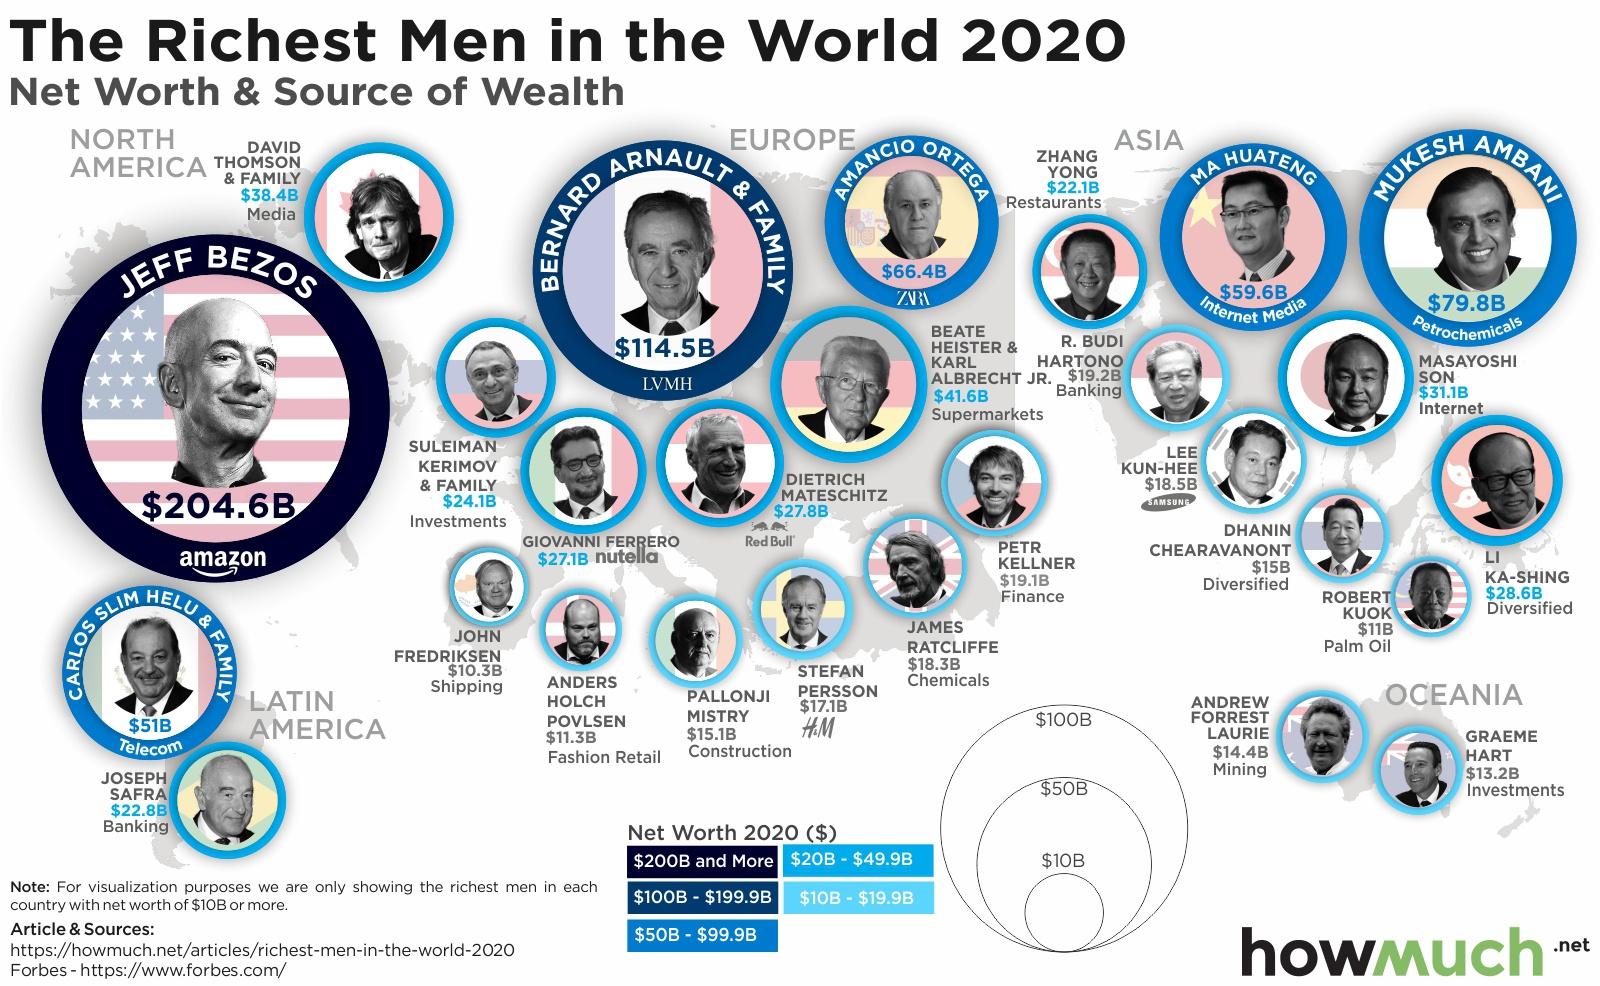 Top 10 richest men in 2020